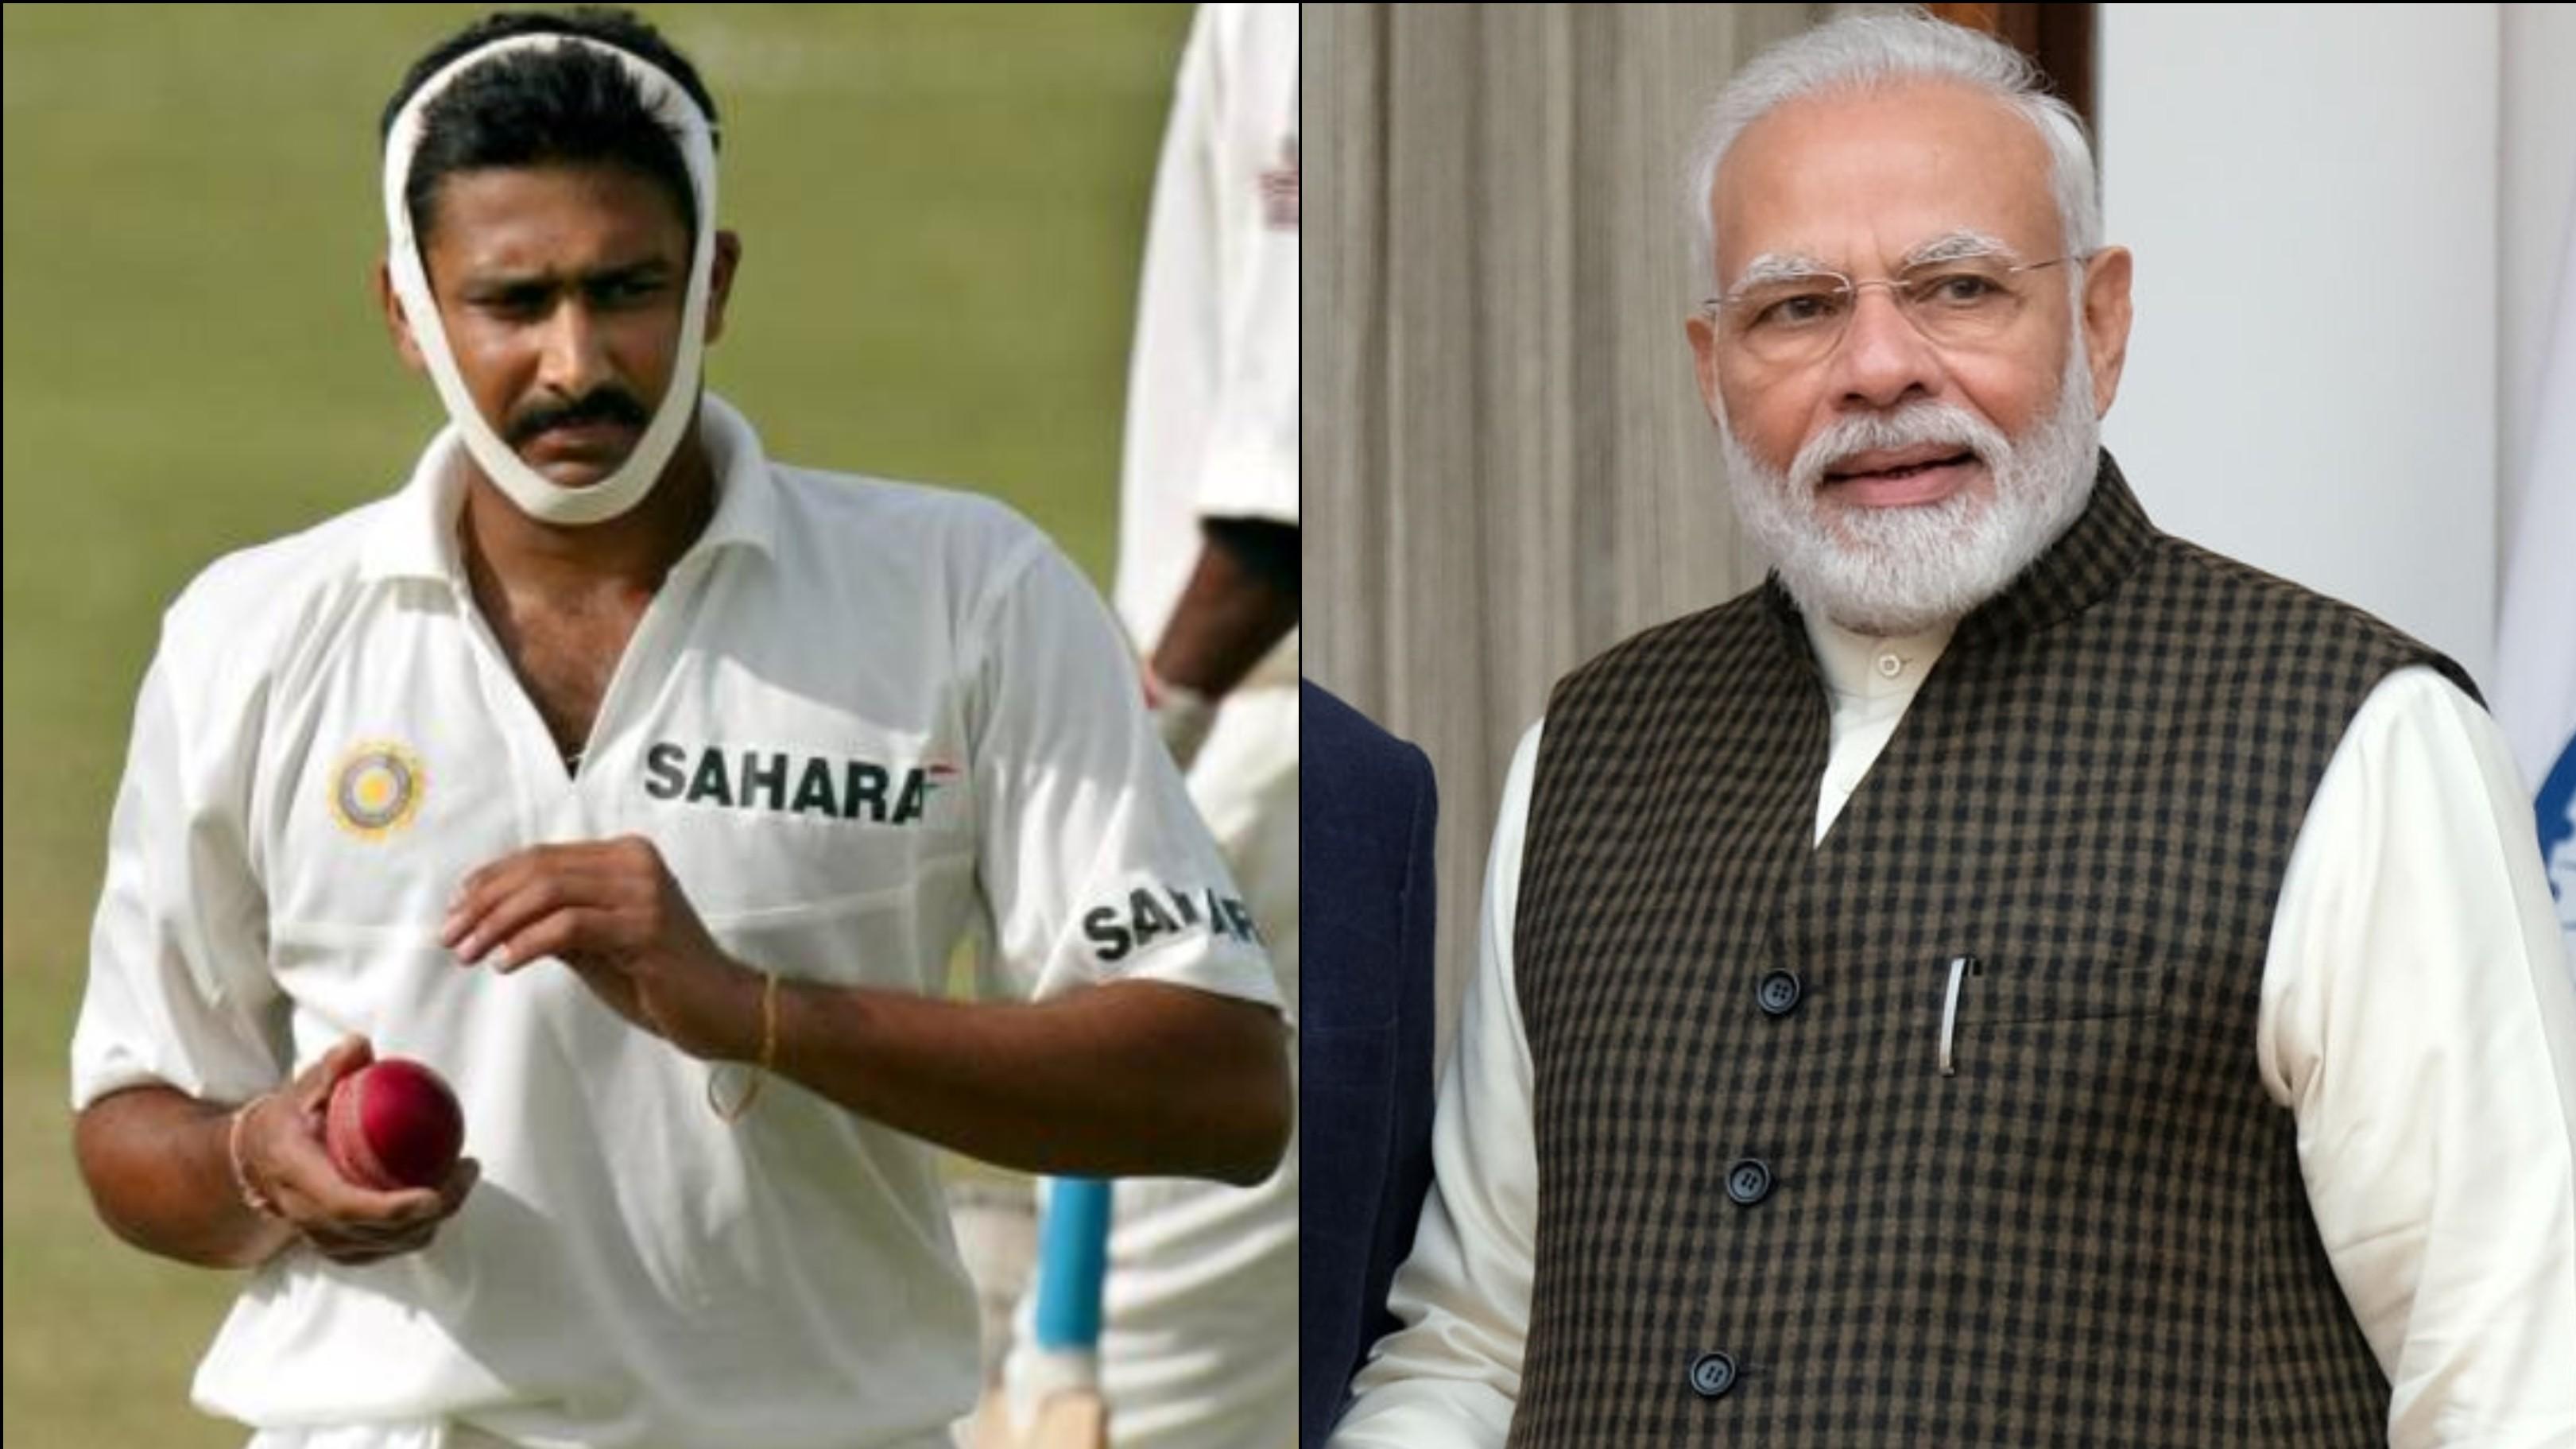 अनिल कुंबले ने स्टूडेंट्स को टूटे जबड़े का उदाहरण देकर मोटिवेट करने के लिए प्रधानमंत्री नरेंद्र मोदी को दिया धन्यवाद